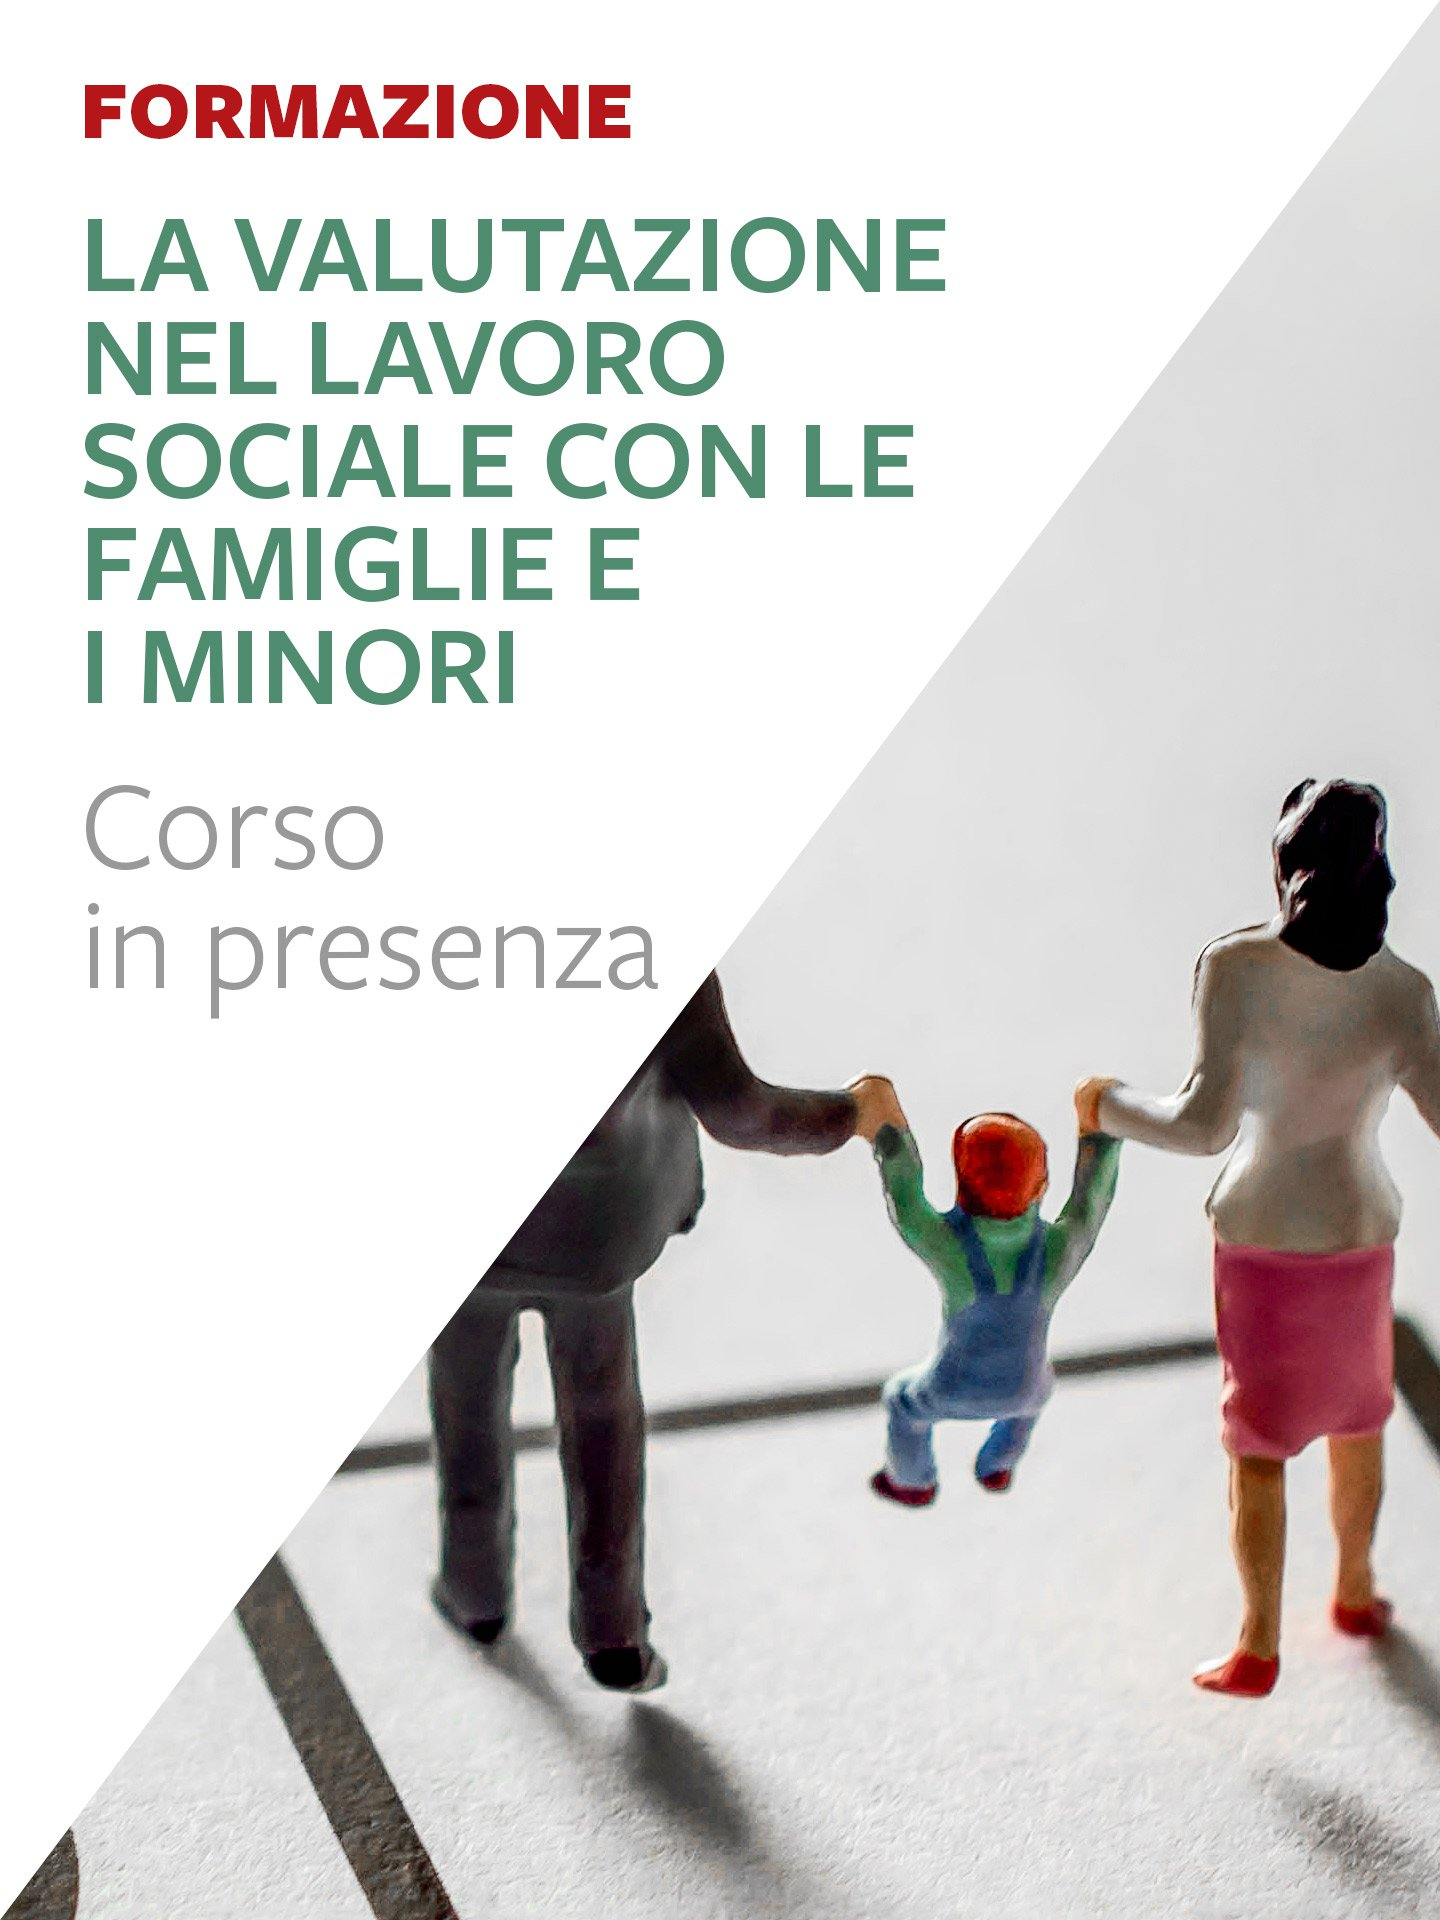 La valutazione nel lavoro sociale con le famiglie e i minori. - Test SAT-P - Soddisfazione soggettiva e qualità de - Libri - Strumenti - Erickson